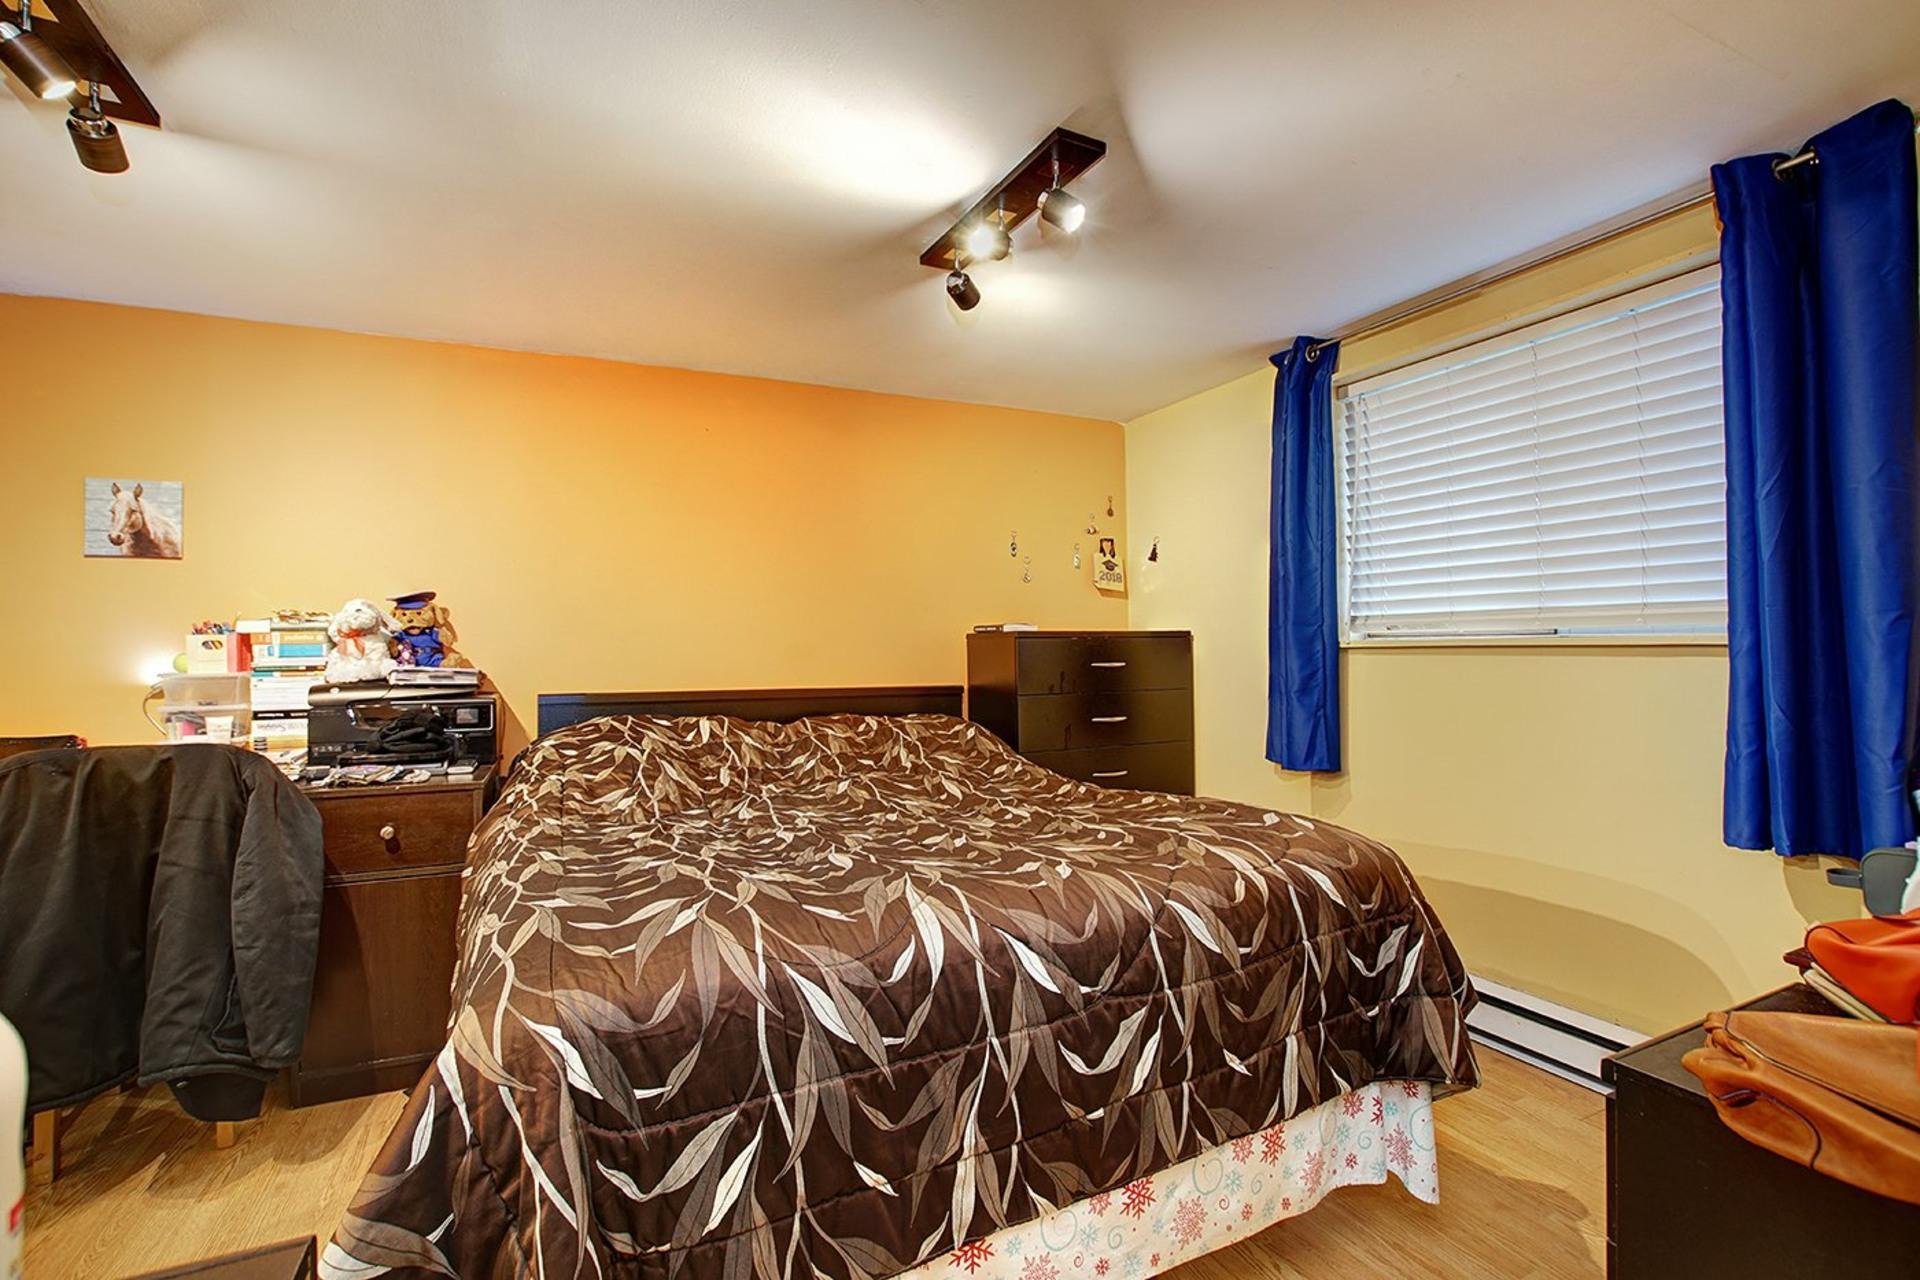 image 29 - Duplex For sale Rivière-des-Prairies/Pointe-aux-Trembles Montréal  - 4 rooms